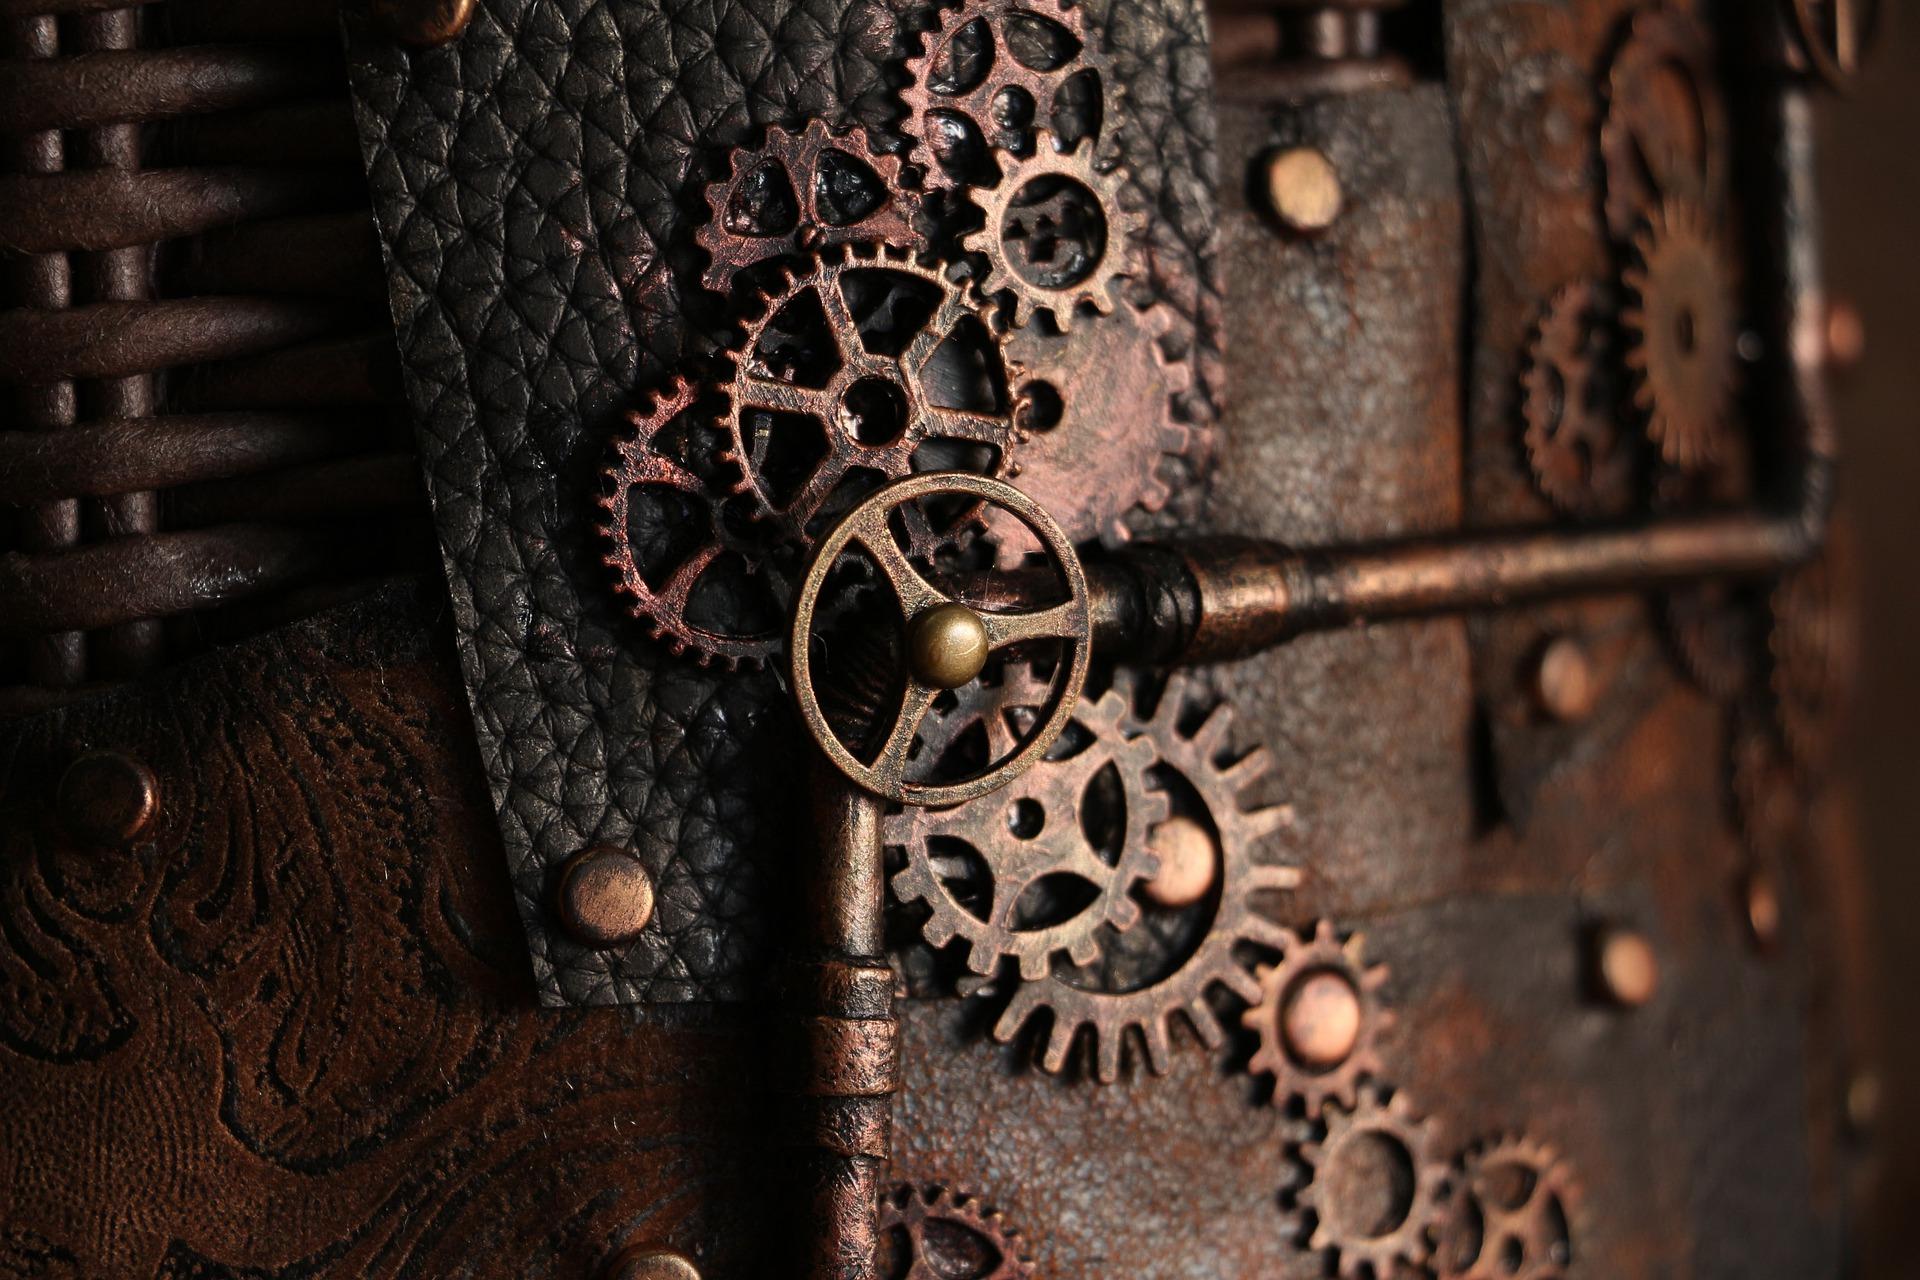 steampunk-4601917_1920